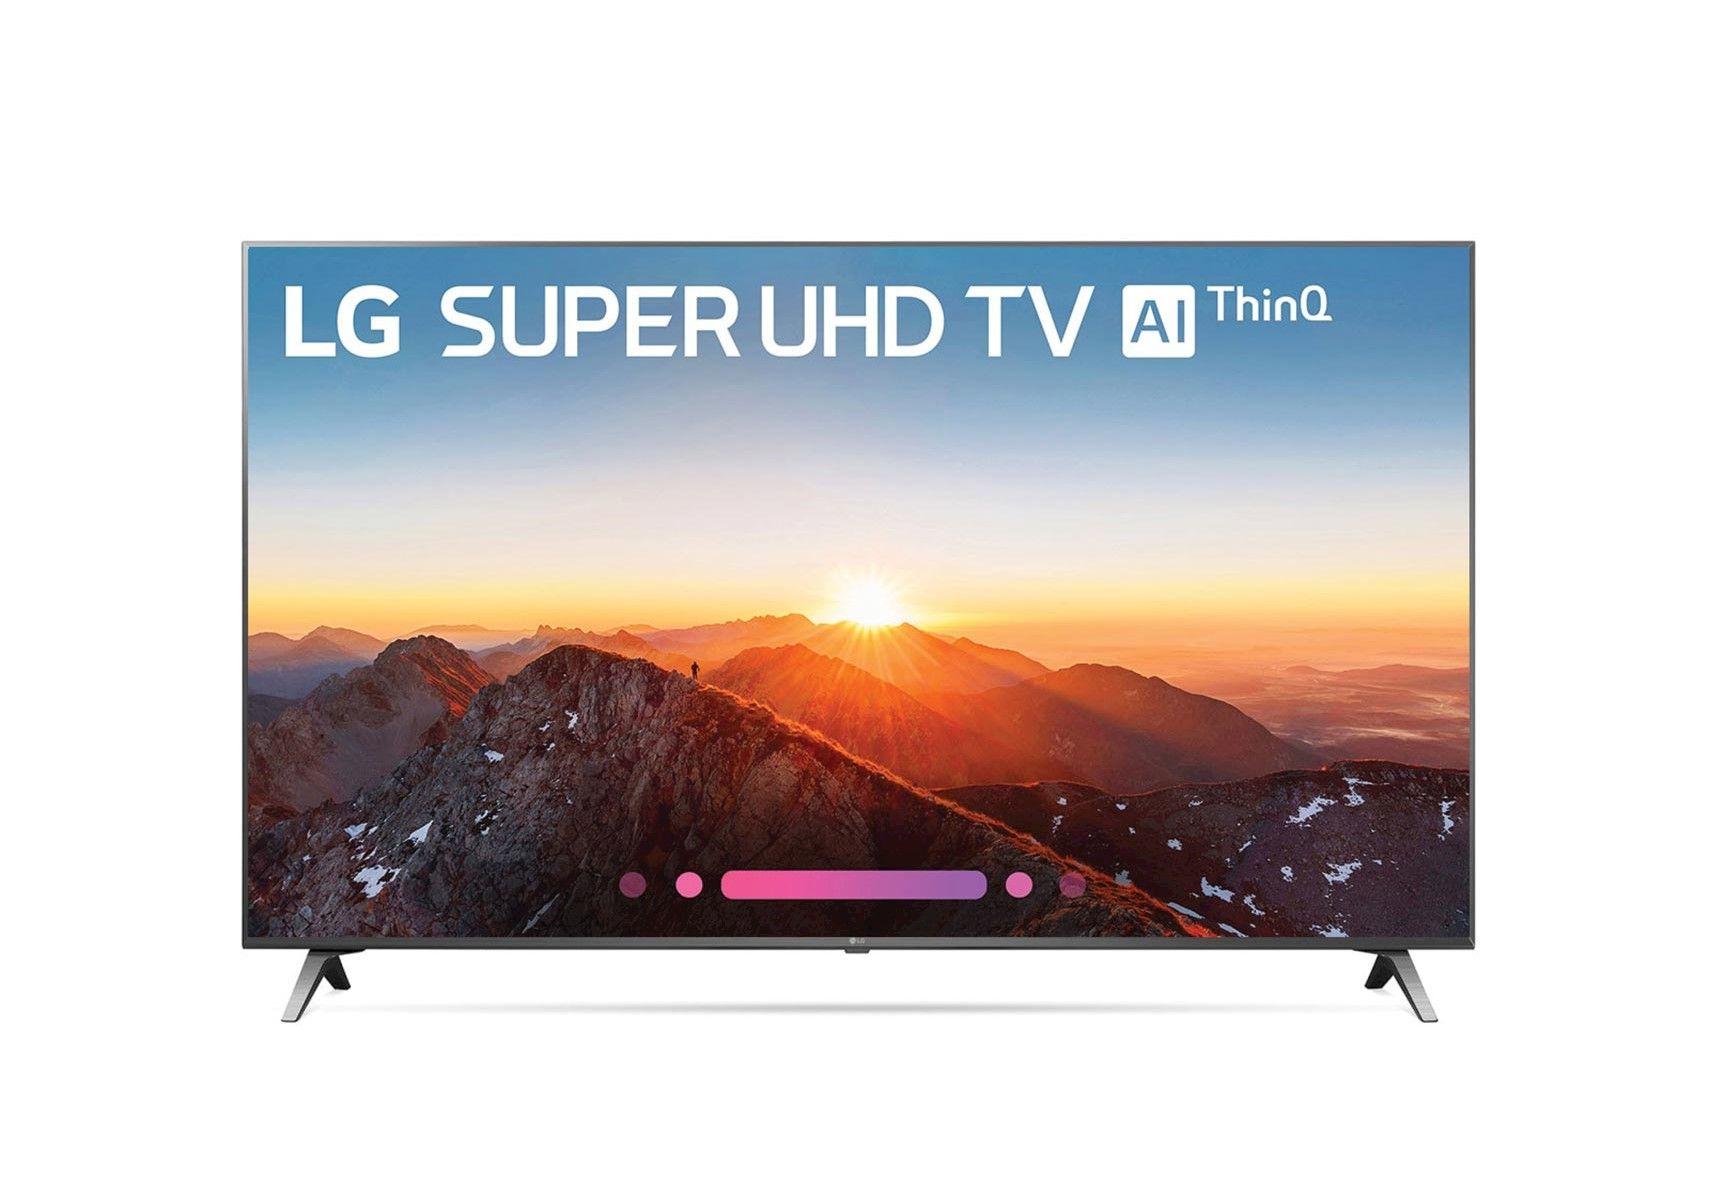 Lacks Lg 55 4k Hdr Smart Led Super Uhd Tv With Ai Thinq Man